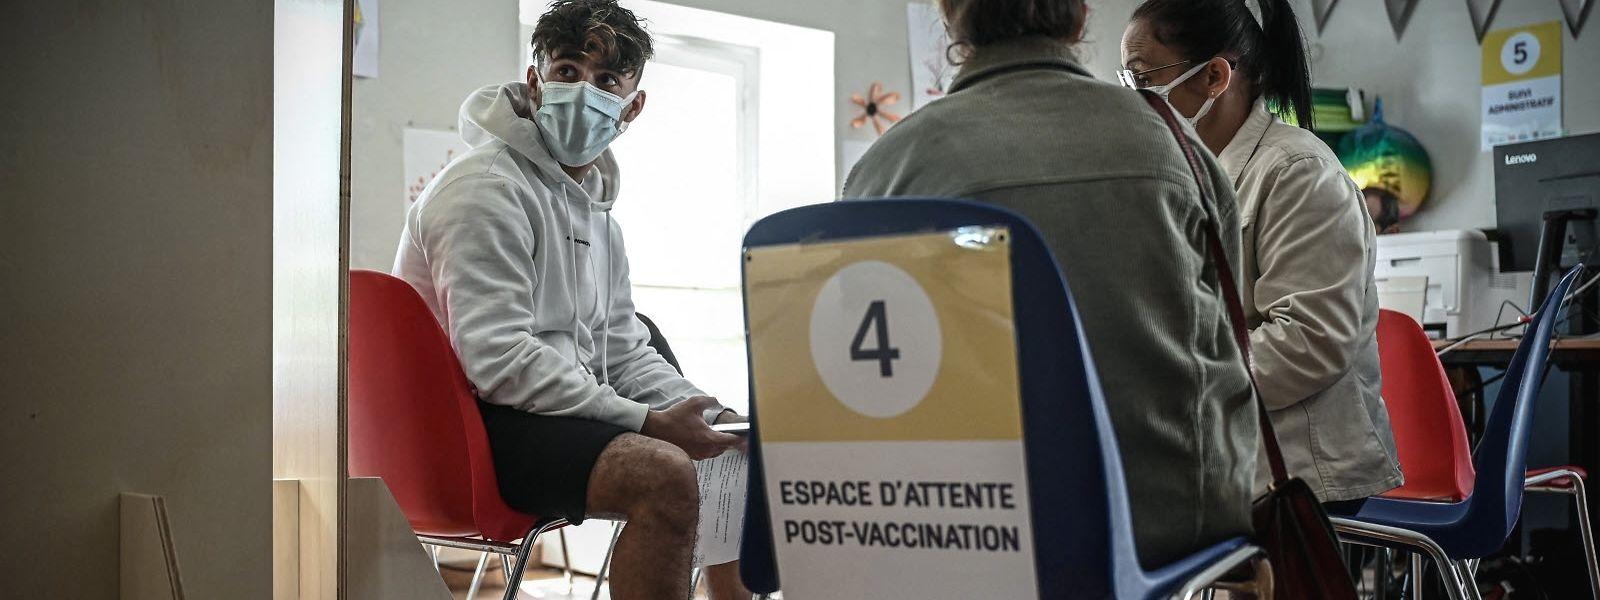 En Belgique, 7,46 millions de doses vaccinales ont été injectées, et 21,8% de la population présente un schéma vaccinal complet.